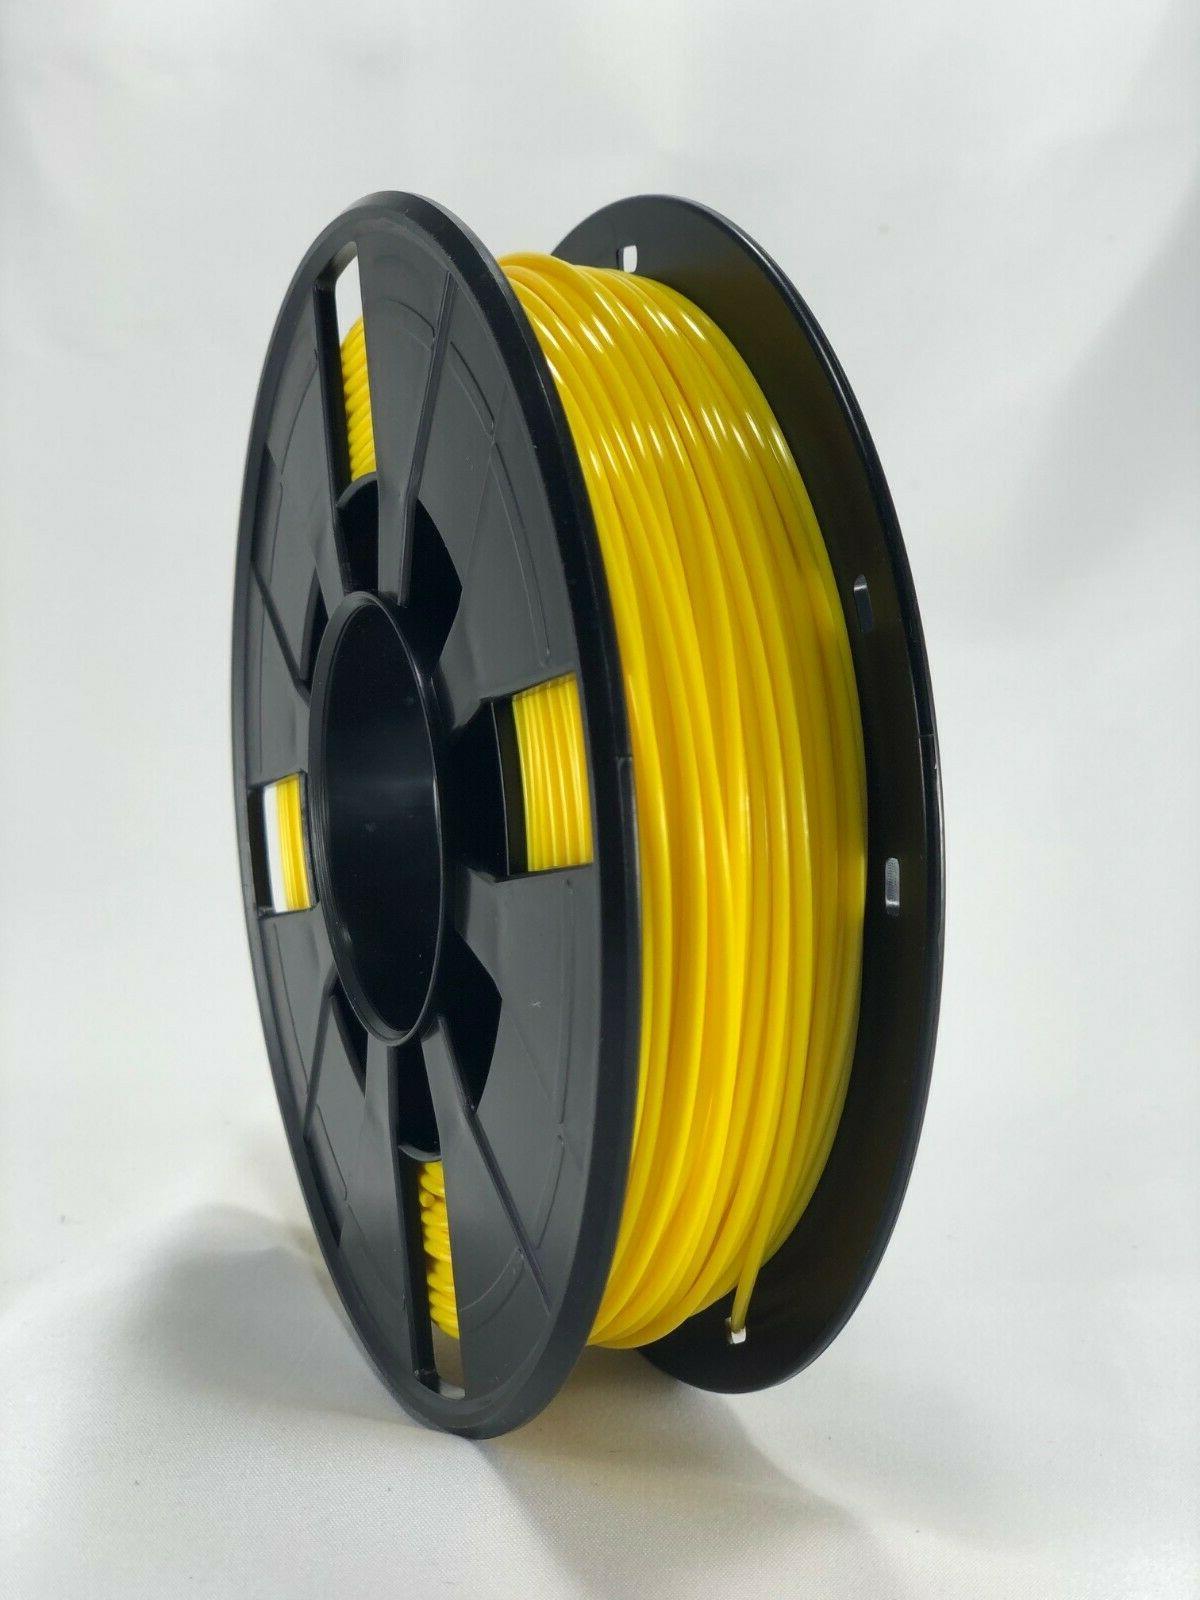 3D Printer Filament PLA-1 250g 1.75mm Roll, Yellow COLOR